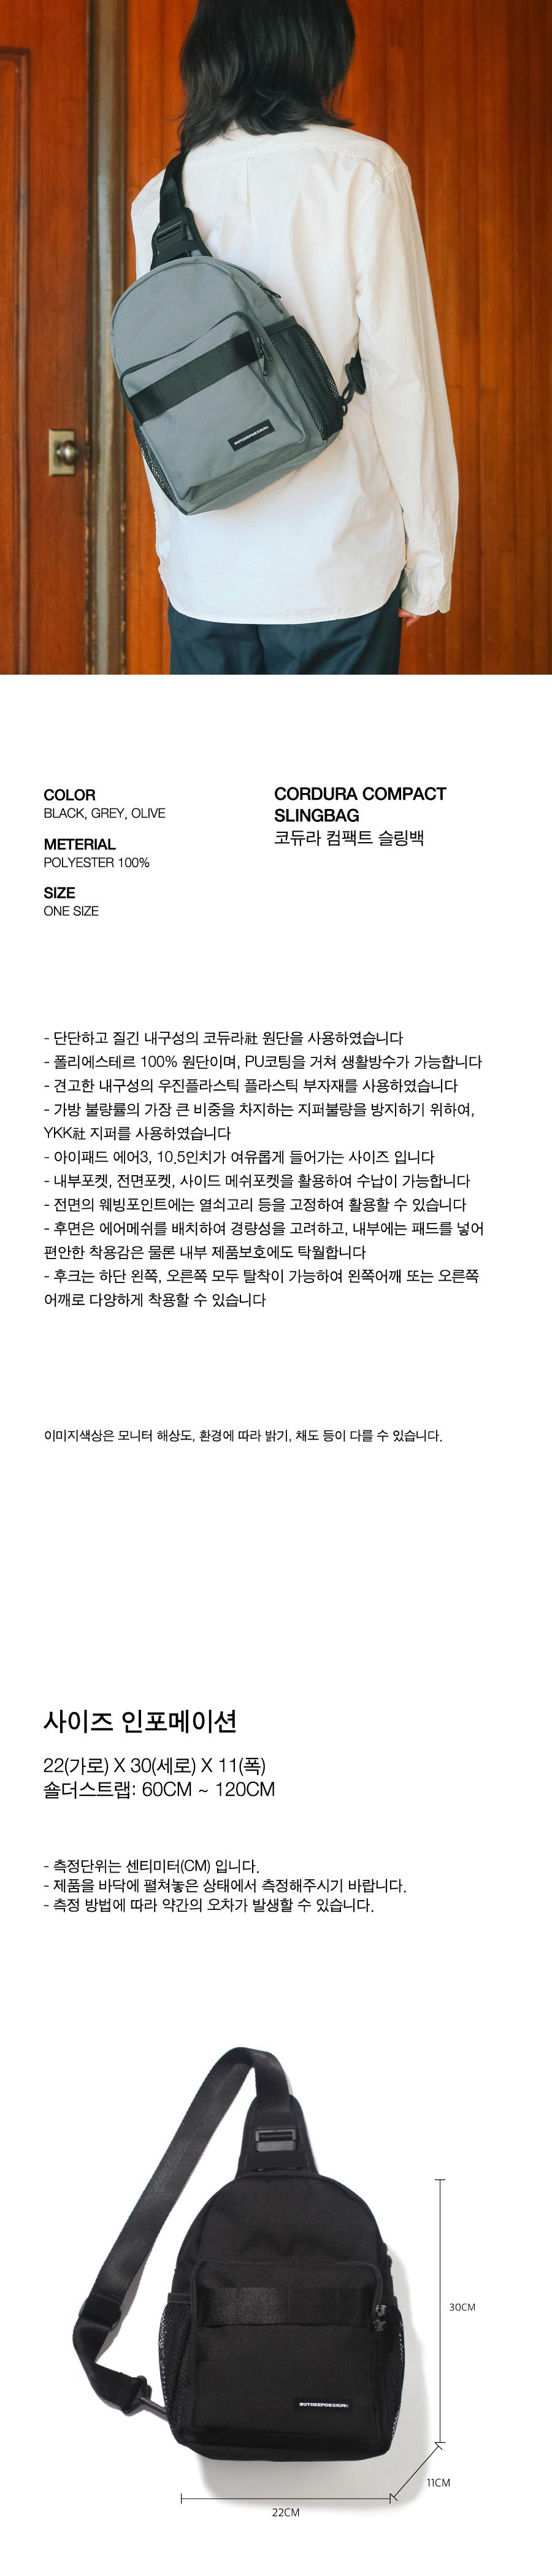 코듀라 컴팩트 슬링백-그레이